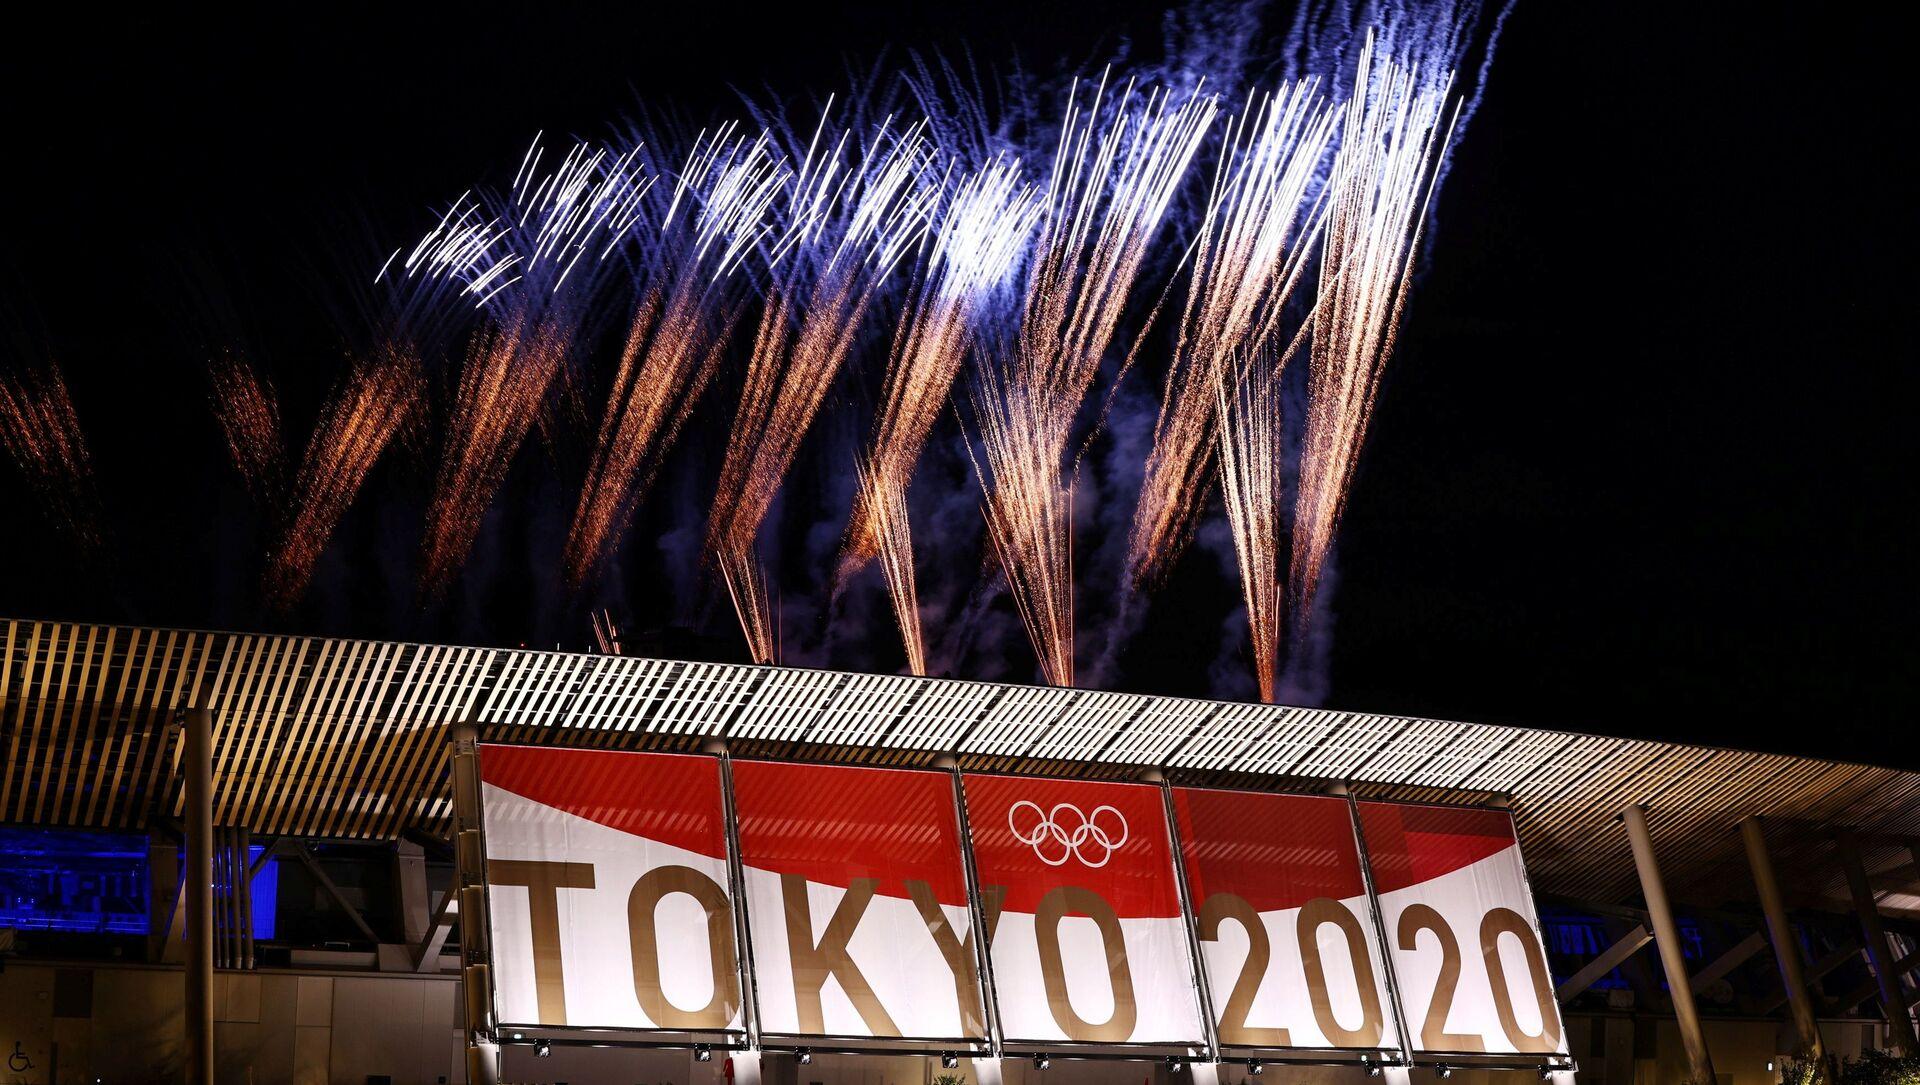 Tokyo 2020 - Sputnik Türkiye, 1920, 08.08.2021